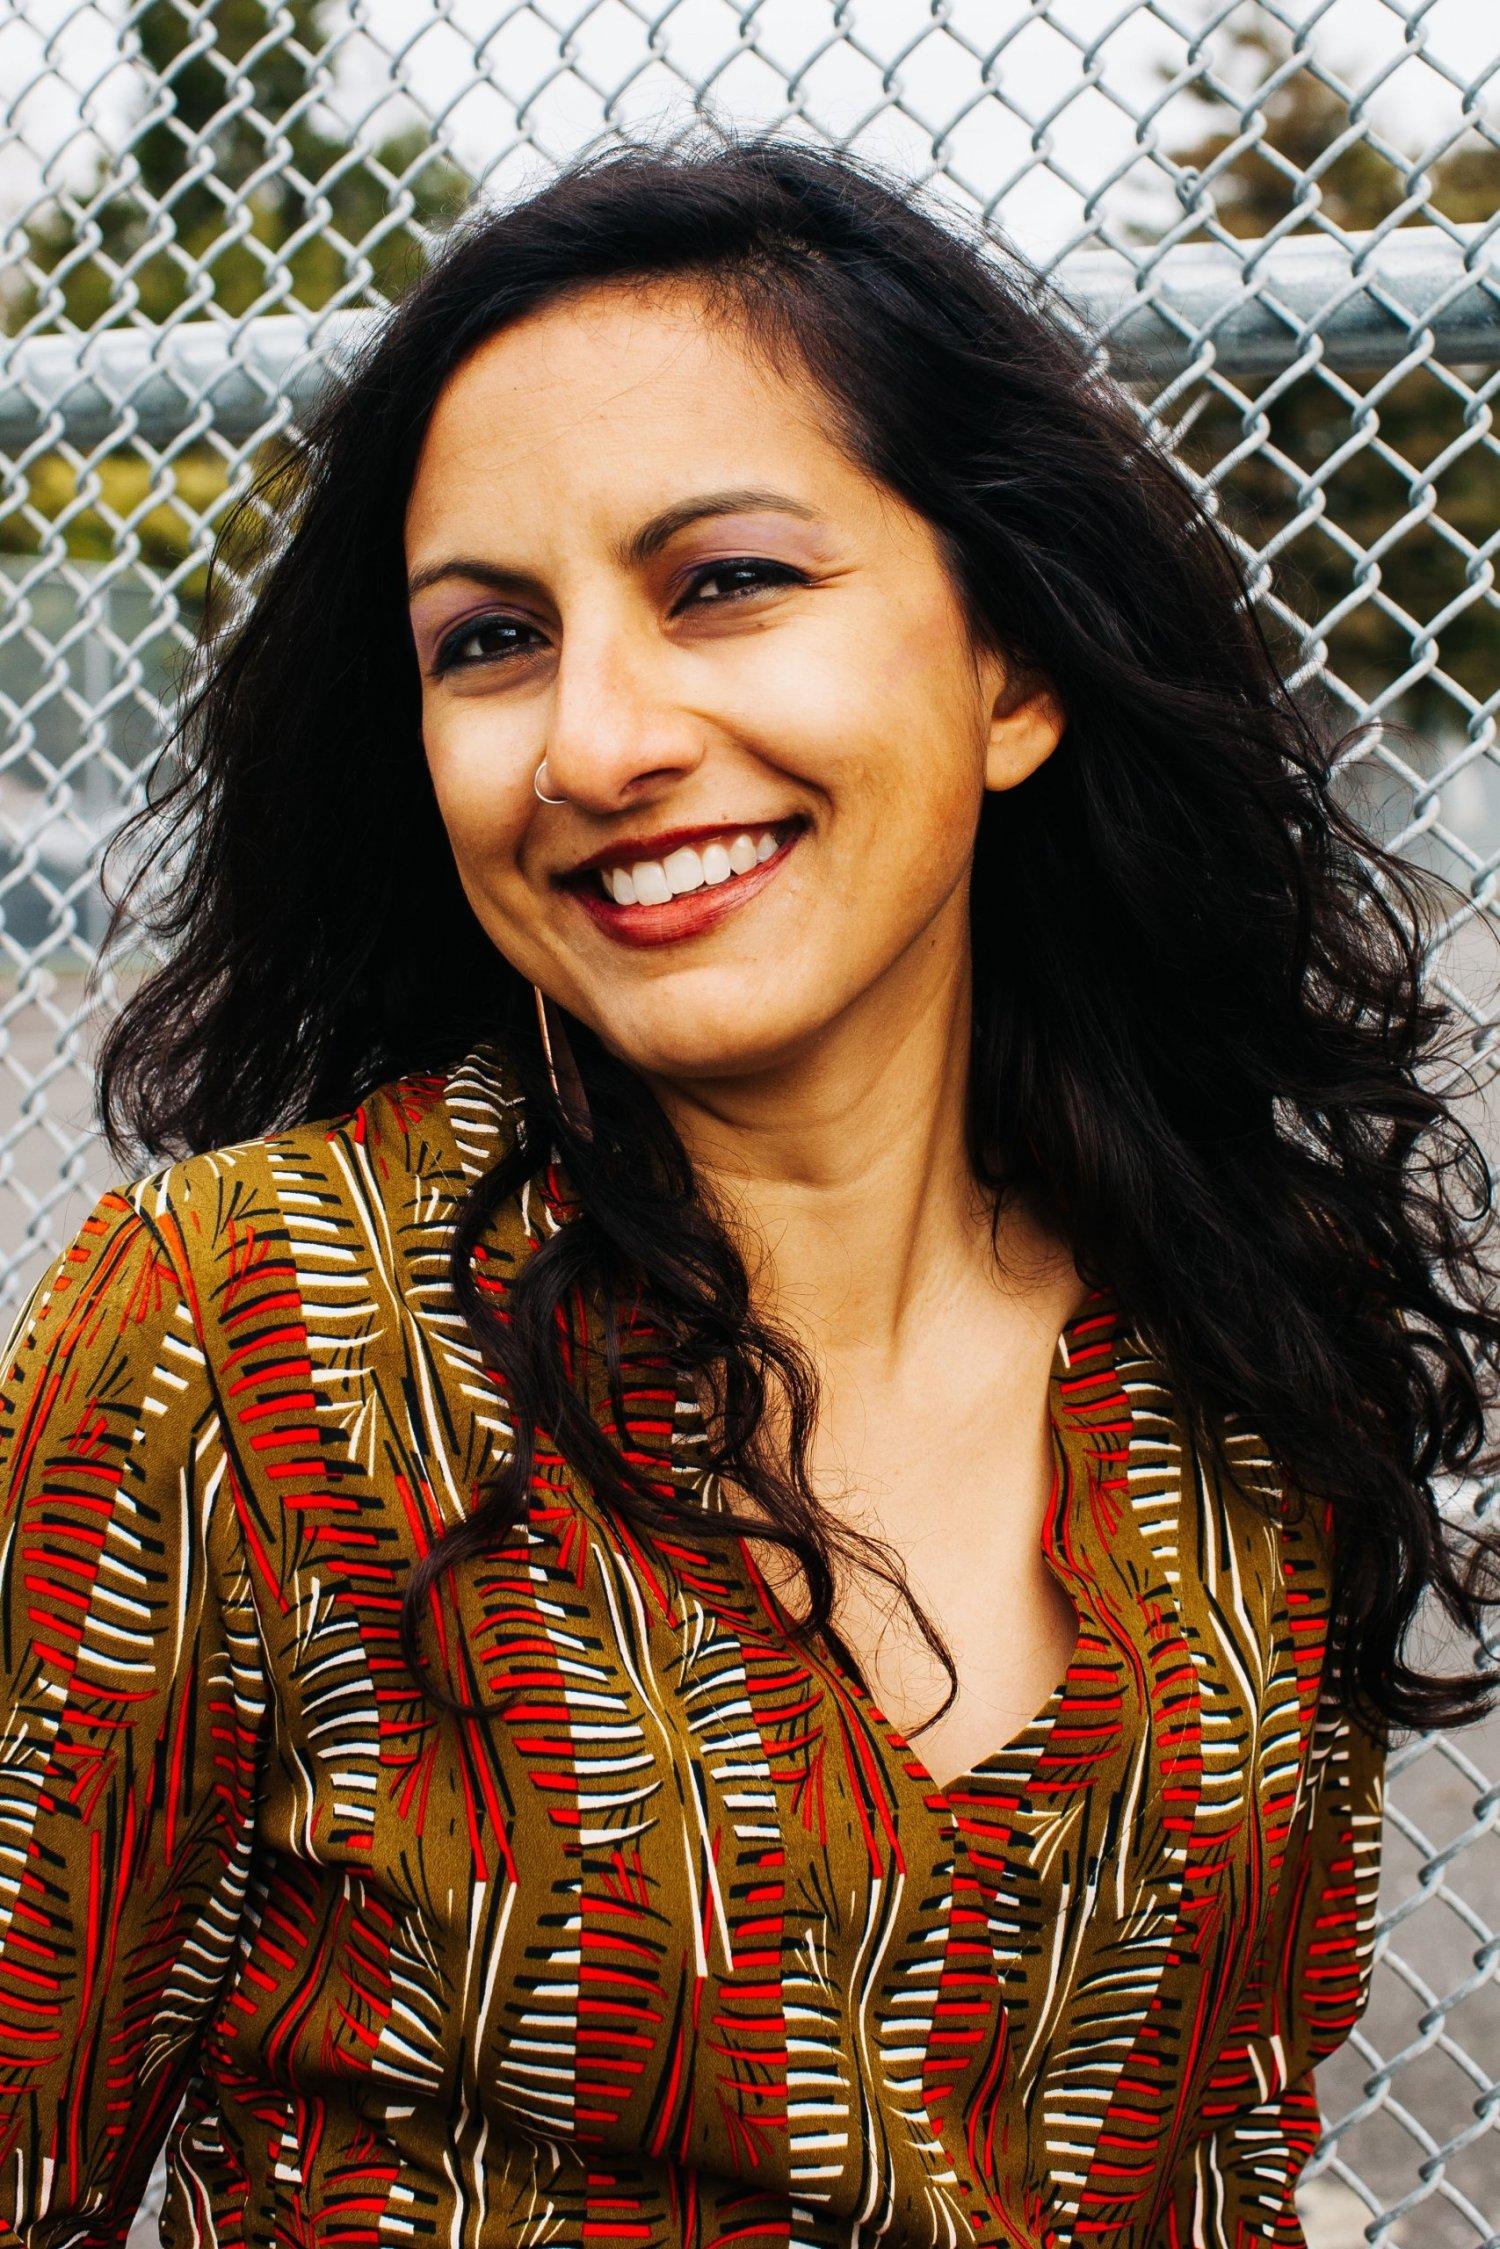 Mallory Rukhsana Nezam